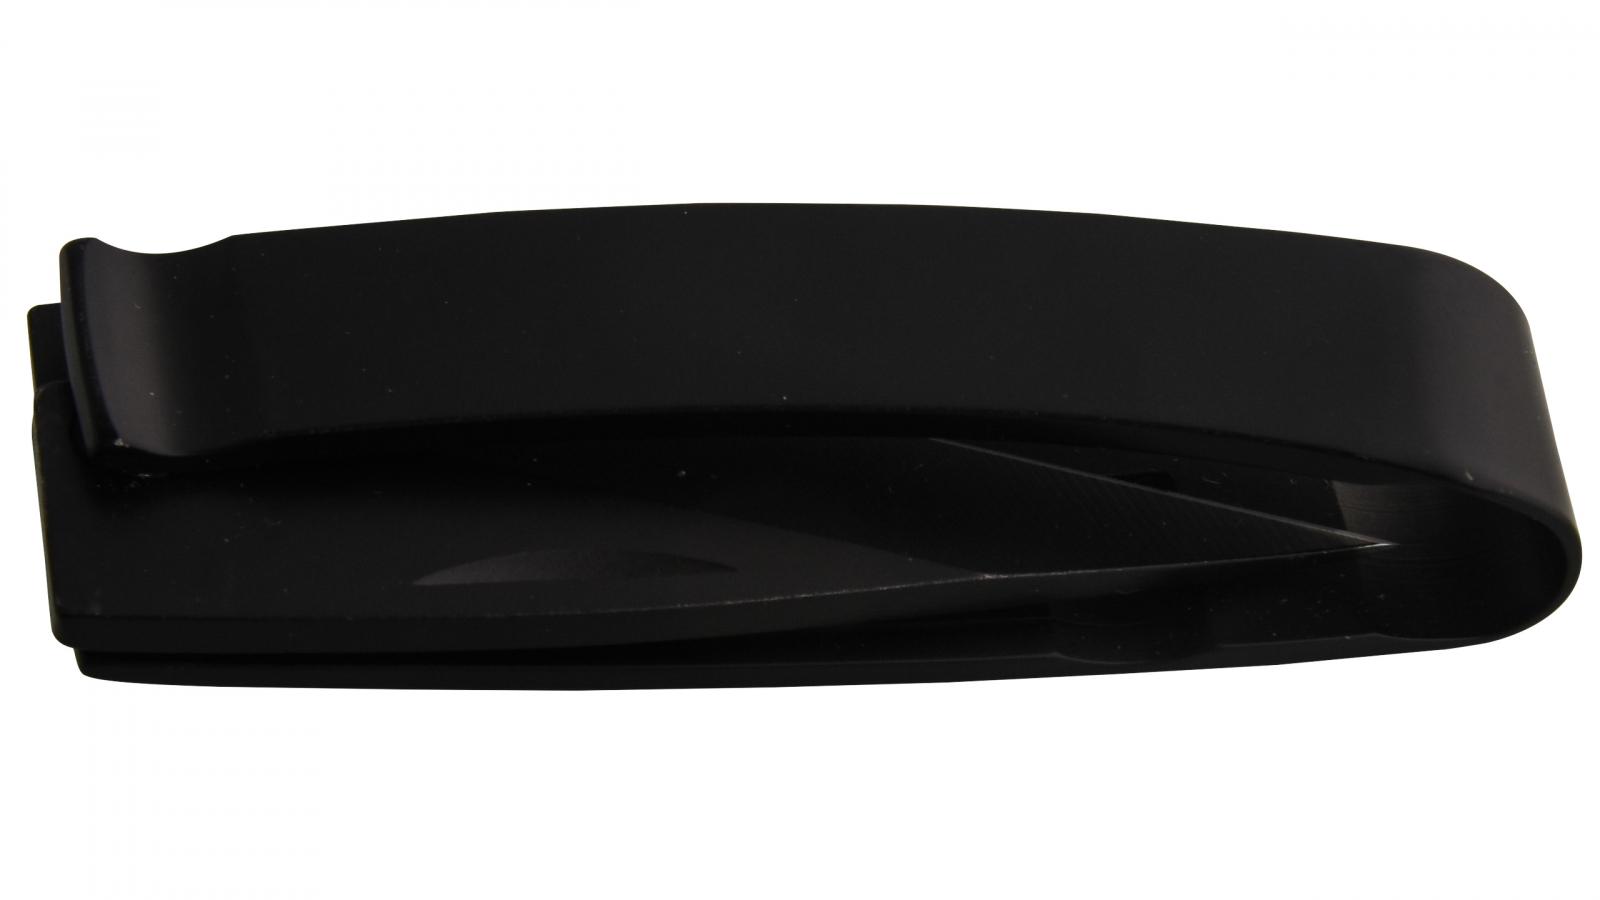 Нож Stainless Steel по лучшей цене